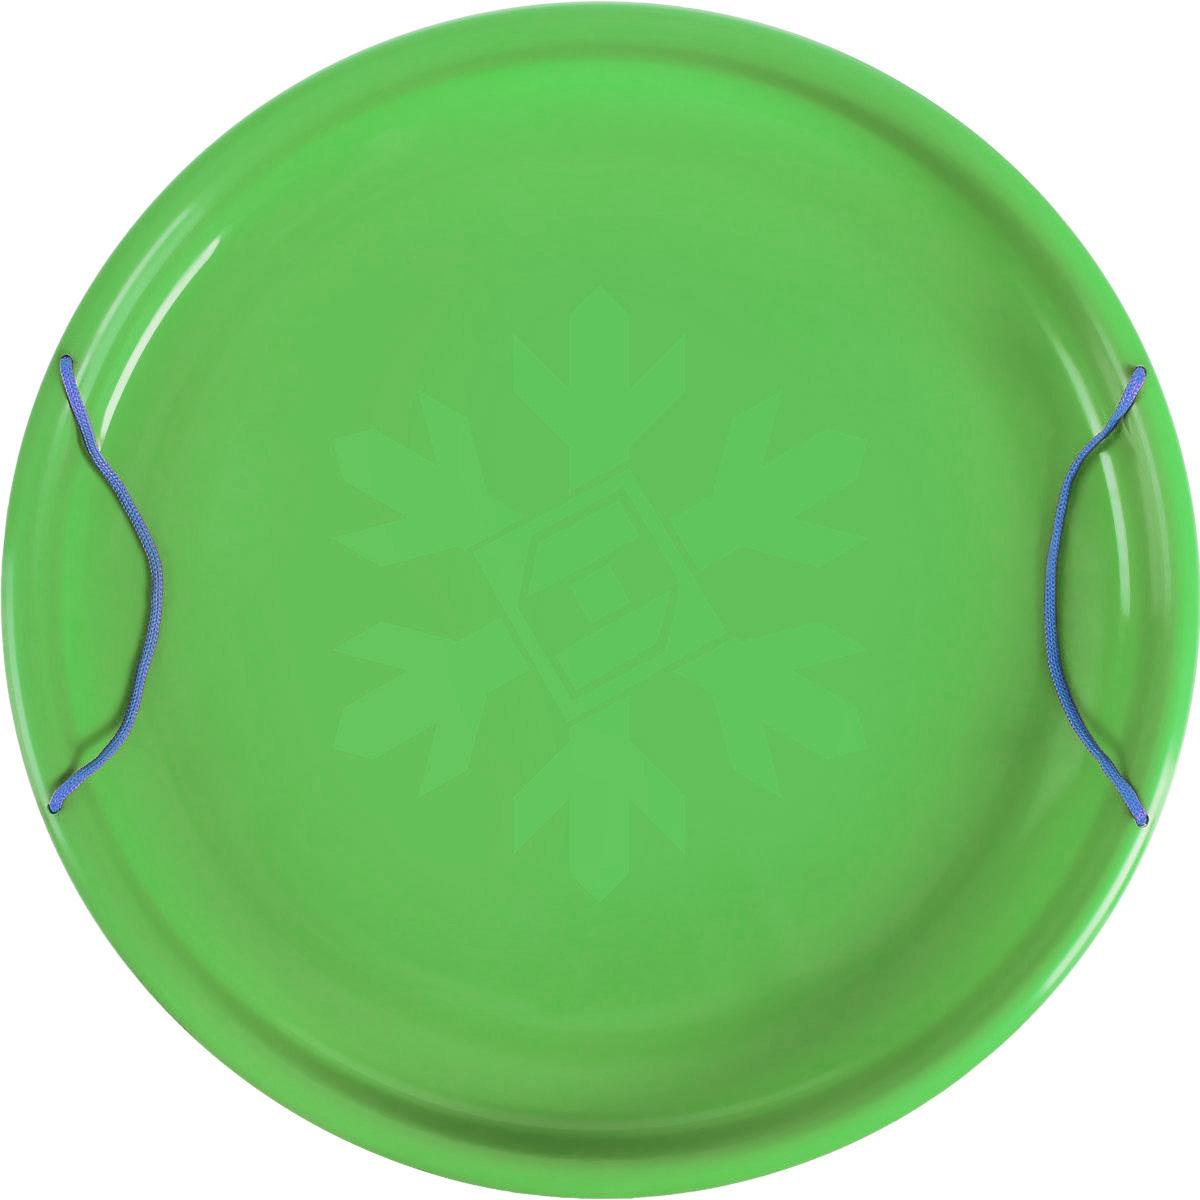 Санки-ледянки Престиж Экстрим, цвет: зеленый, диаметр 53 см336921Любимая детская зимняя забава - это катание с горки. Яркие санки-ледянки Престиж Экстрим станут незаменимым атрибутом этой веселой детской игры. Санки-ледянки - это специальная пластиковая тарелка, облегчающая скольжение и увеличивающая скорость движения по горке. Ледянка выполнена из прочного гибкого пластика и снабжена двумя ручками по бокам. Конфигурация санок позволяет удобно сидеть и развивать лучшую скорость. Благодаря малому весу ледянку, в отличие от обычных санок, легко нести с собой даже ребенку.